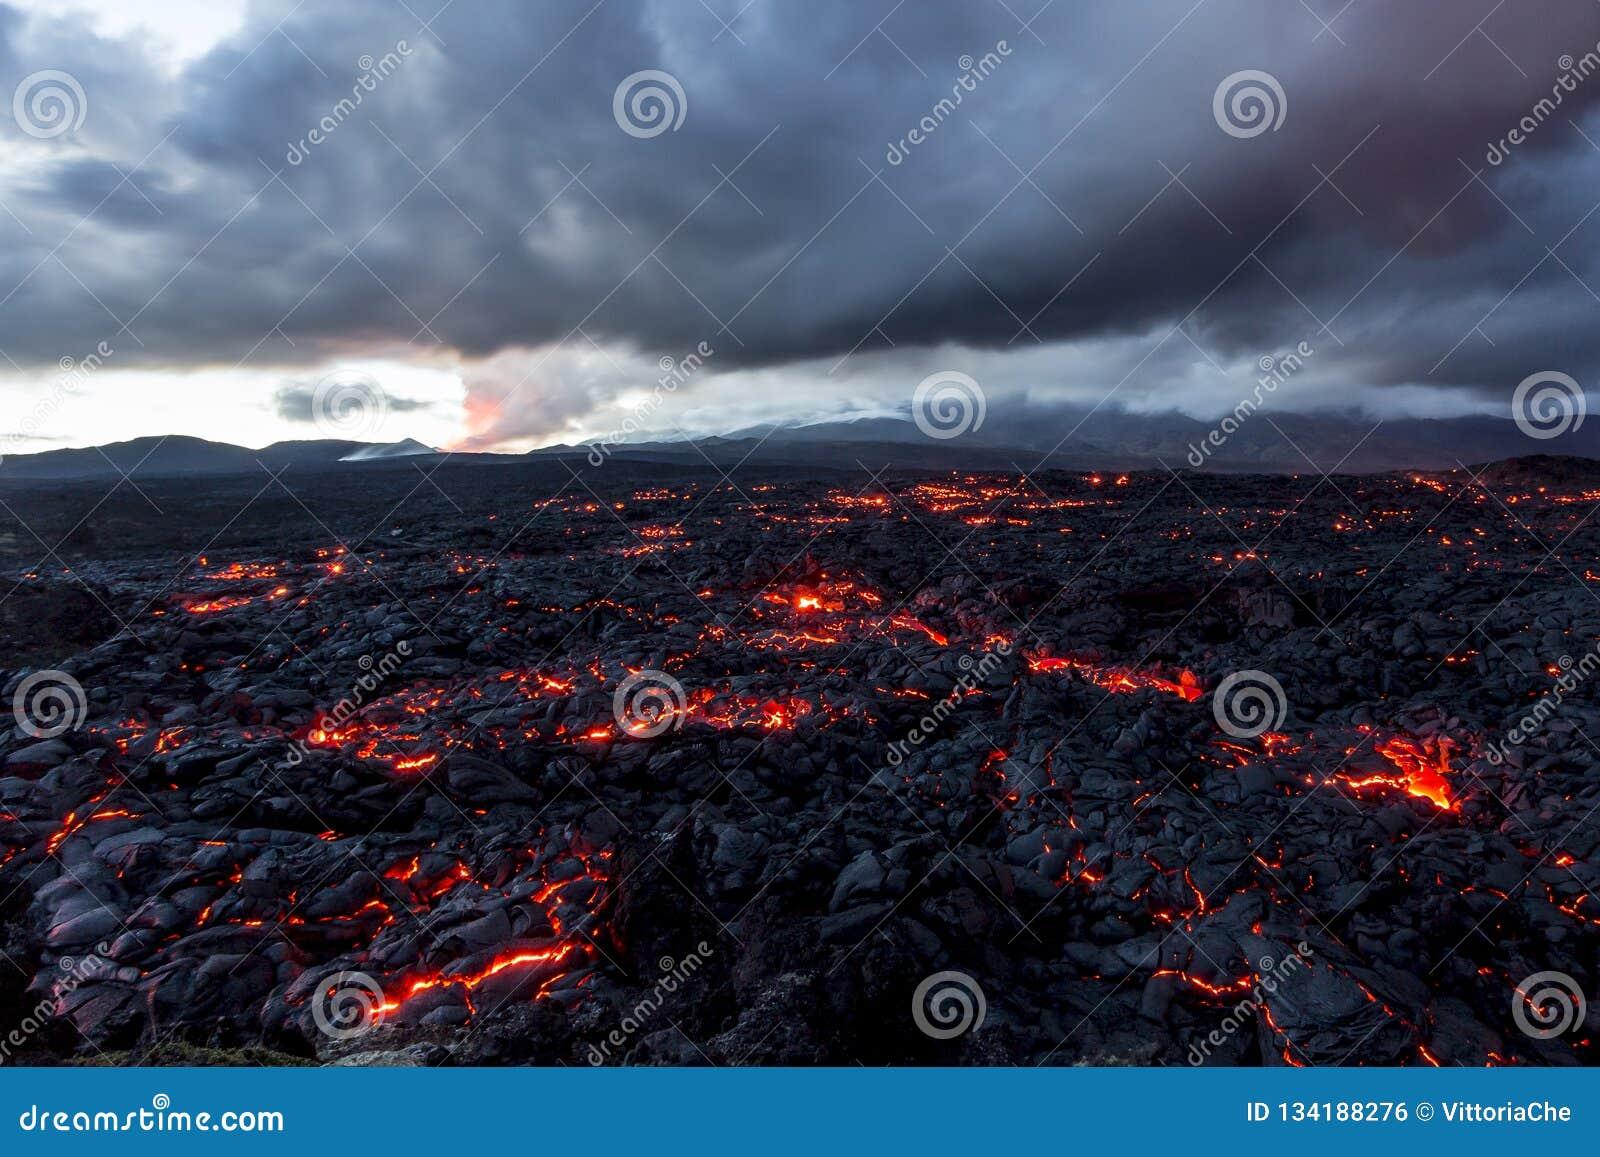 火山扎尔巴奇克火山 熔岩荒野 俄罗斯,堪察加,火山扎尔巴奇克火山的爆发的结尾